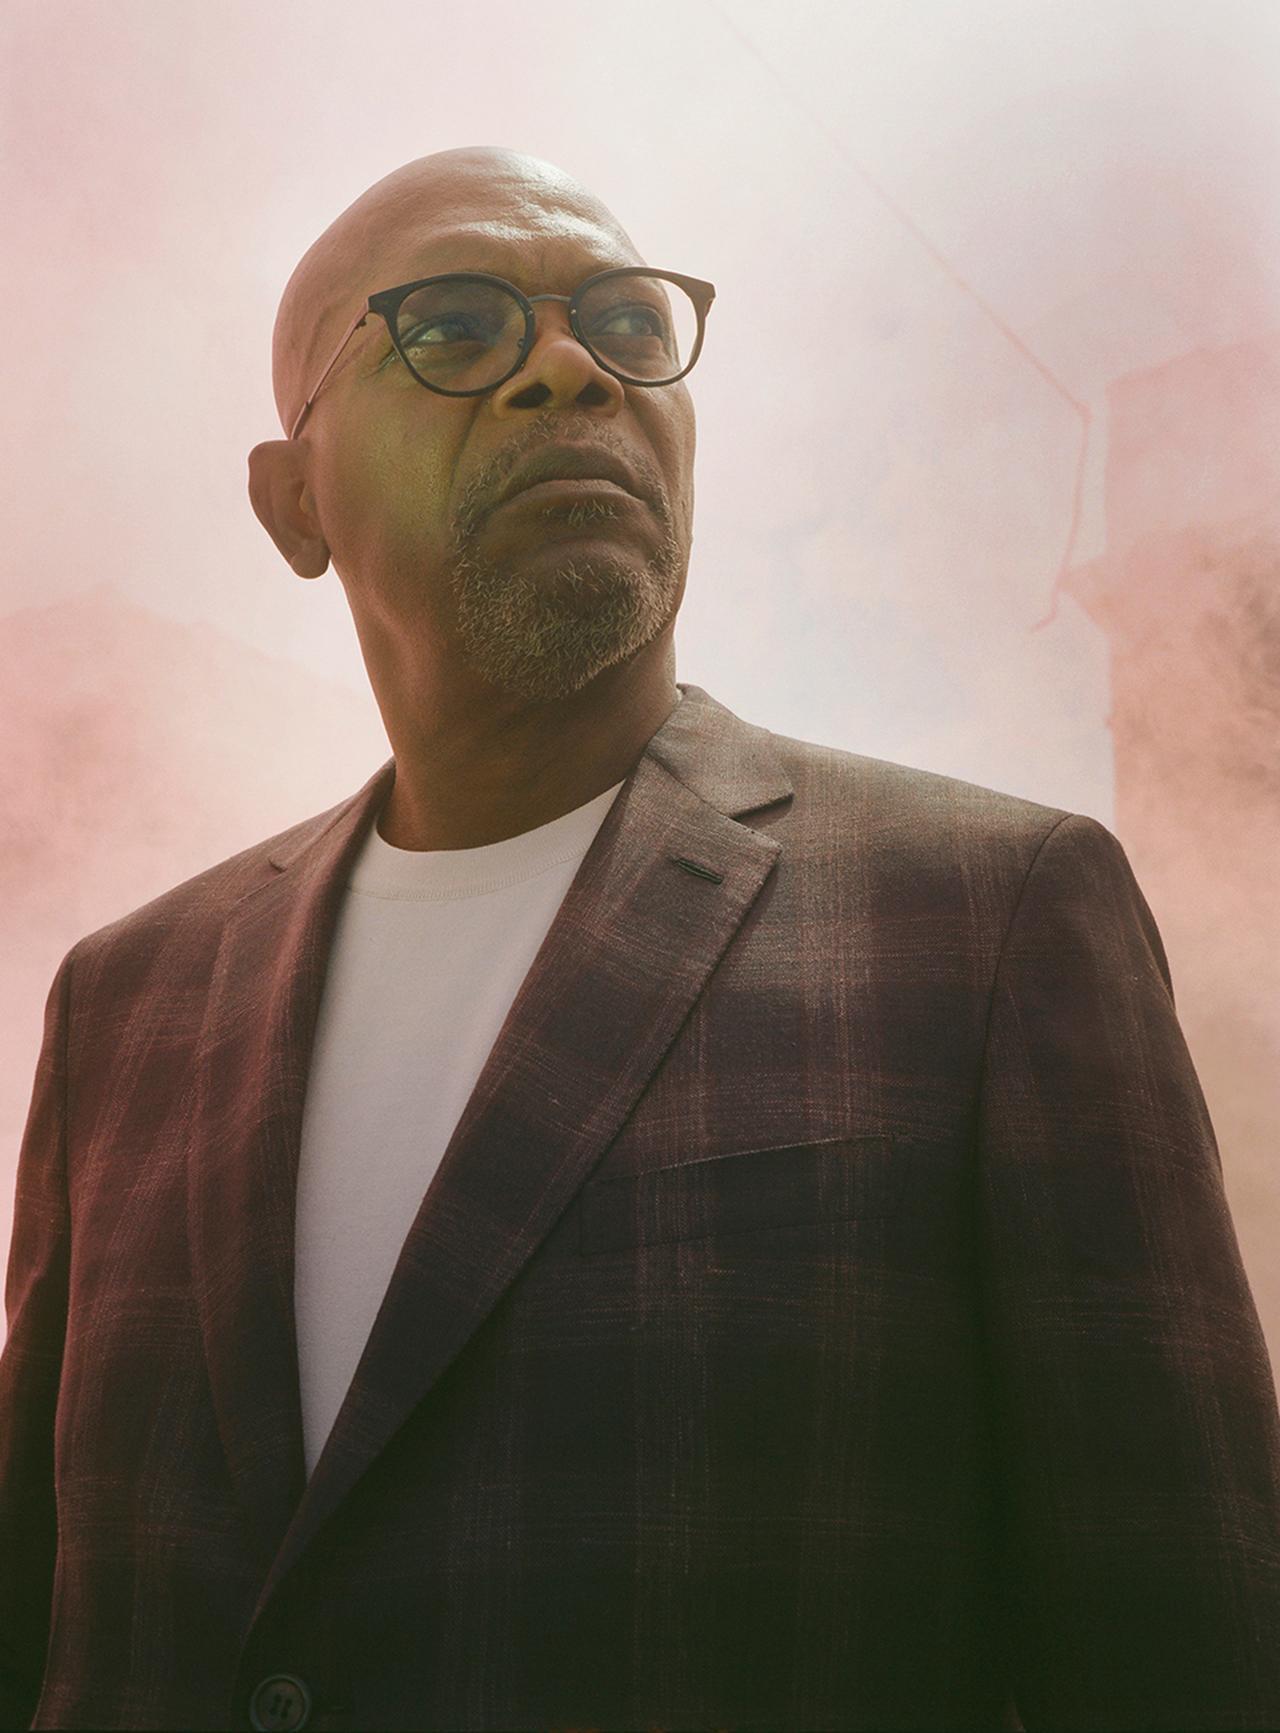 Images : 3番目の画像 - 「サミュエル・L・ジャクソン流の生き方」のアルバム - T JAPAN:The New York Times Style Magazine 公式サイト